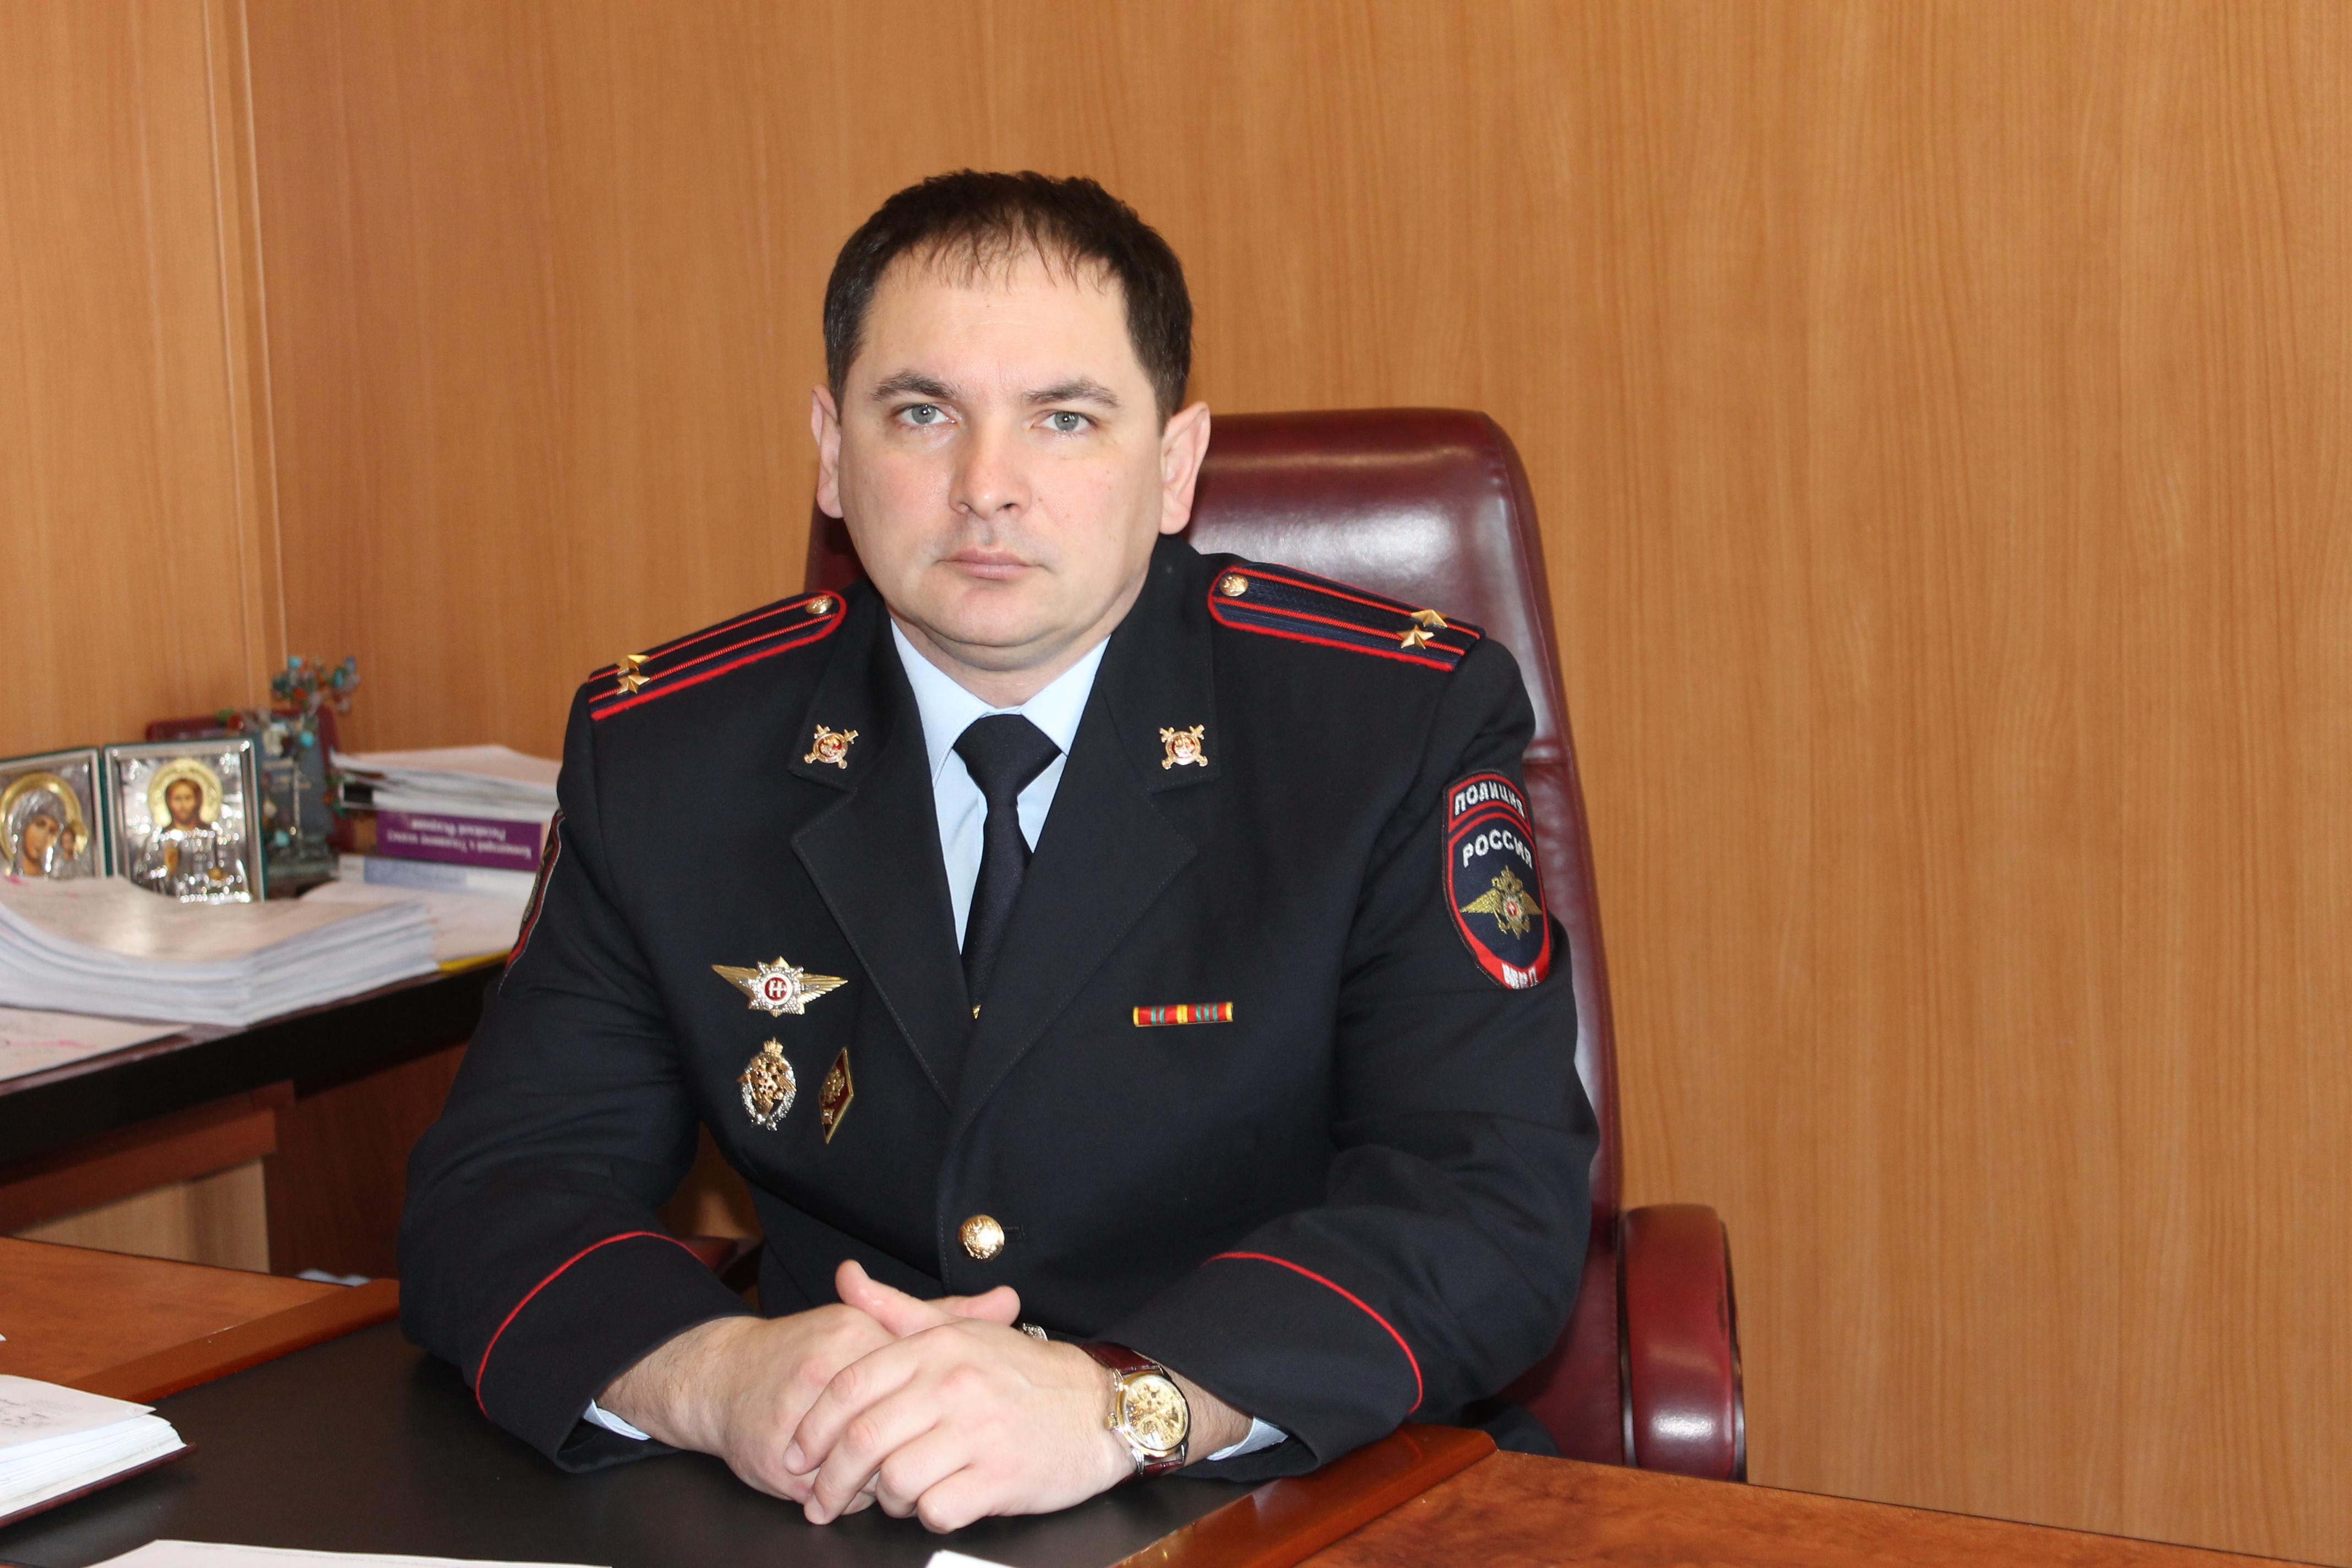 Руководство Гувд Кемеровской Области